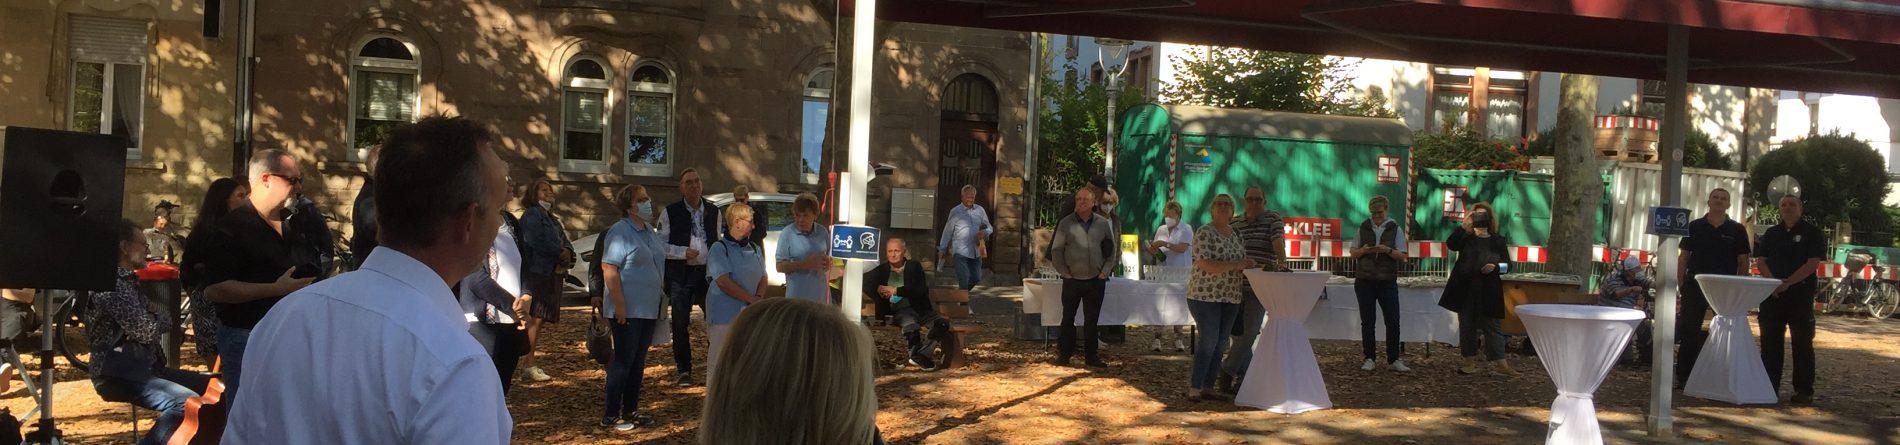 Neue Markise für den Marktplatz Neckarau feierlich eingeweiht